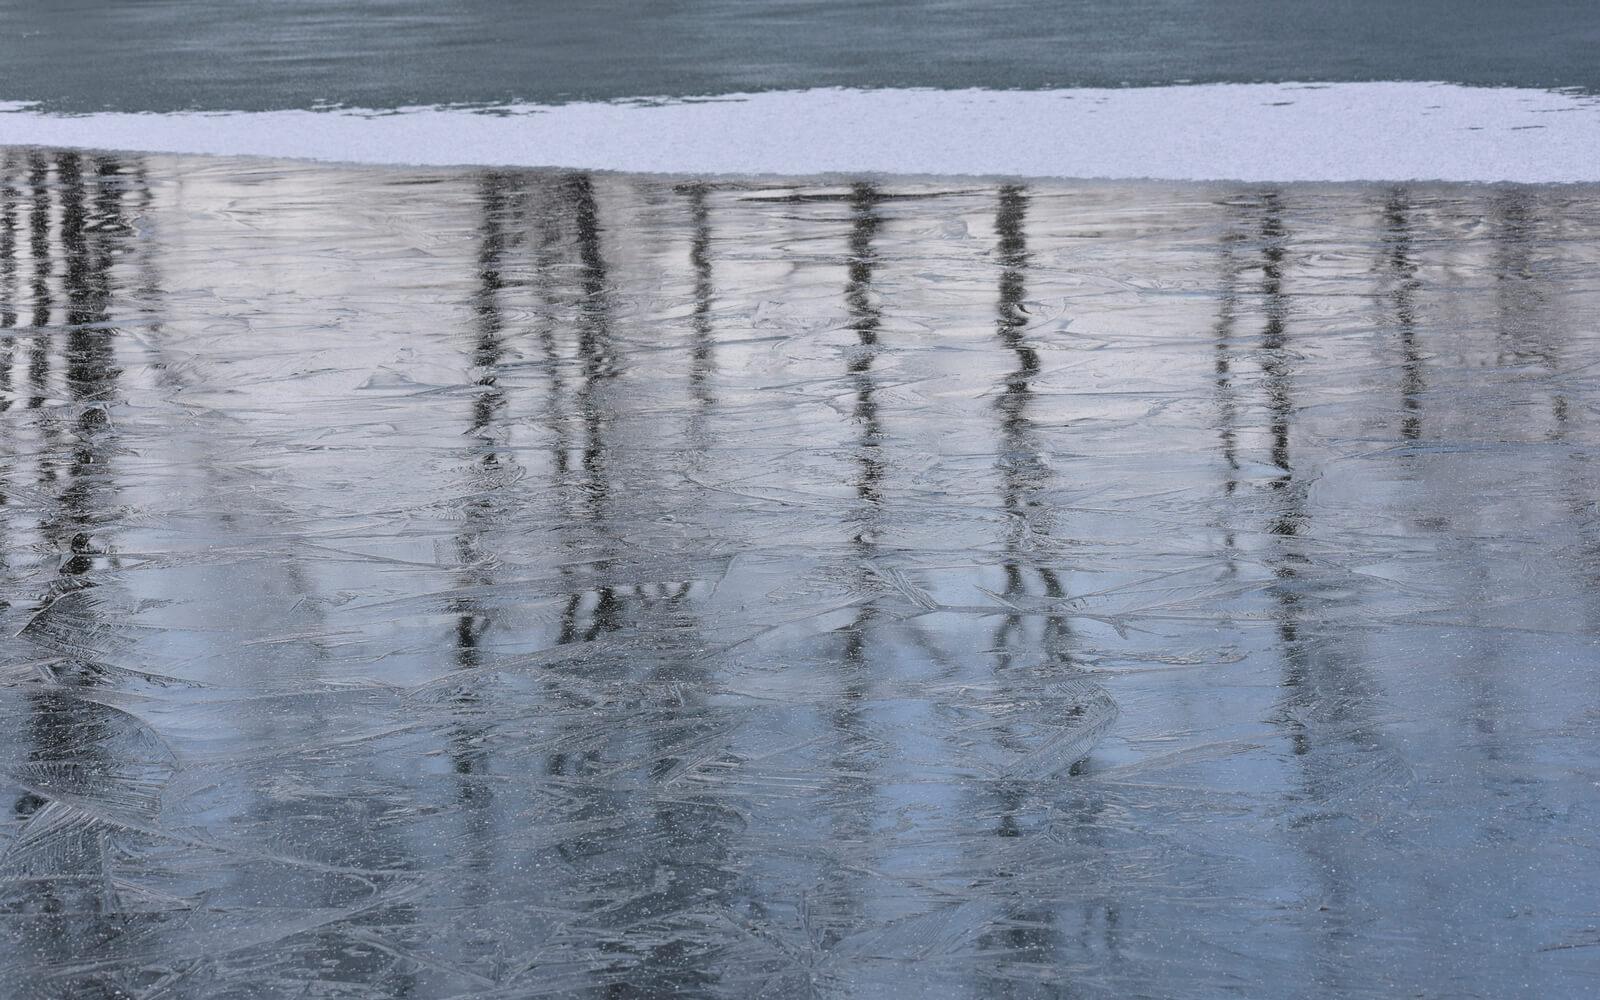 魚上氷 うおこおりをいずる